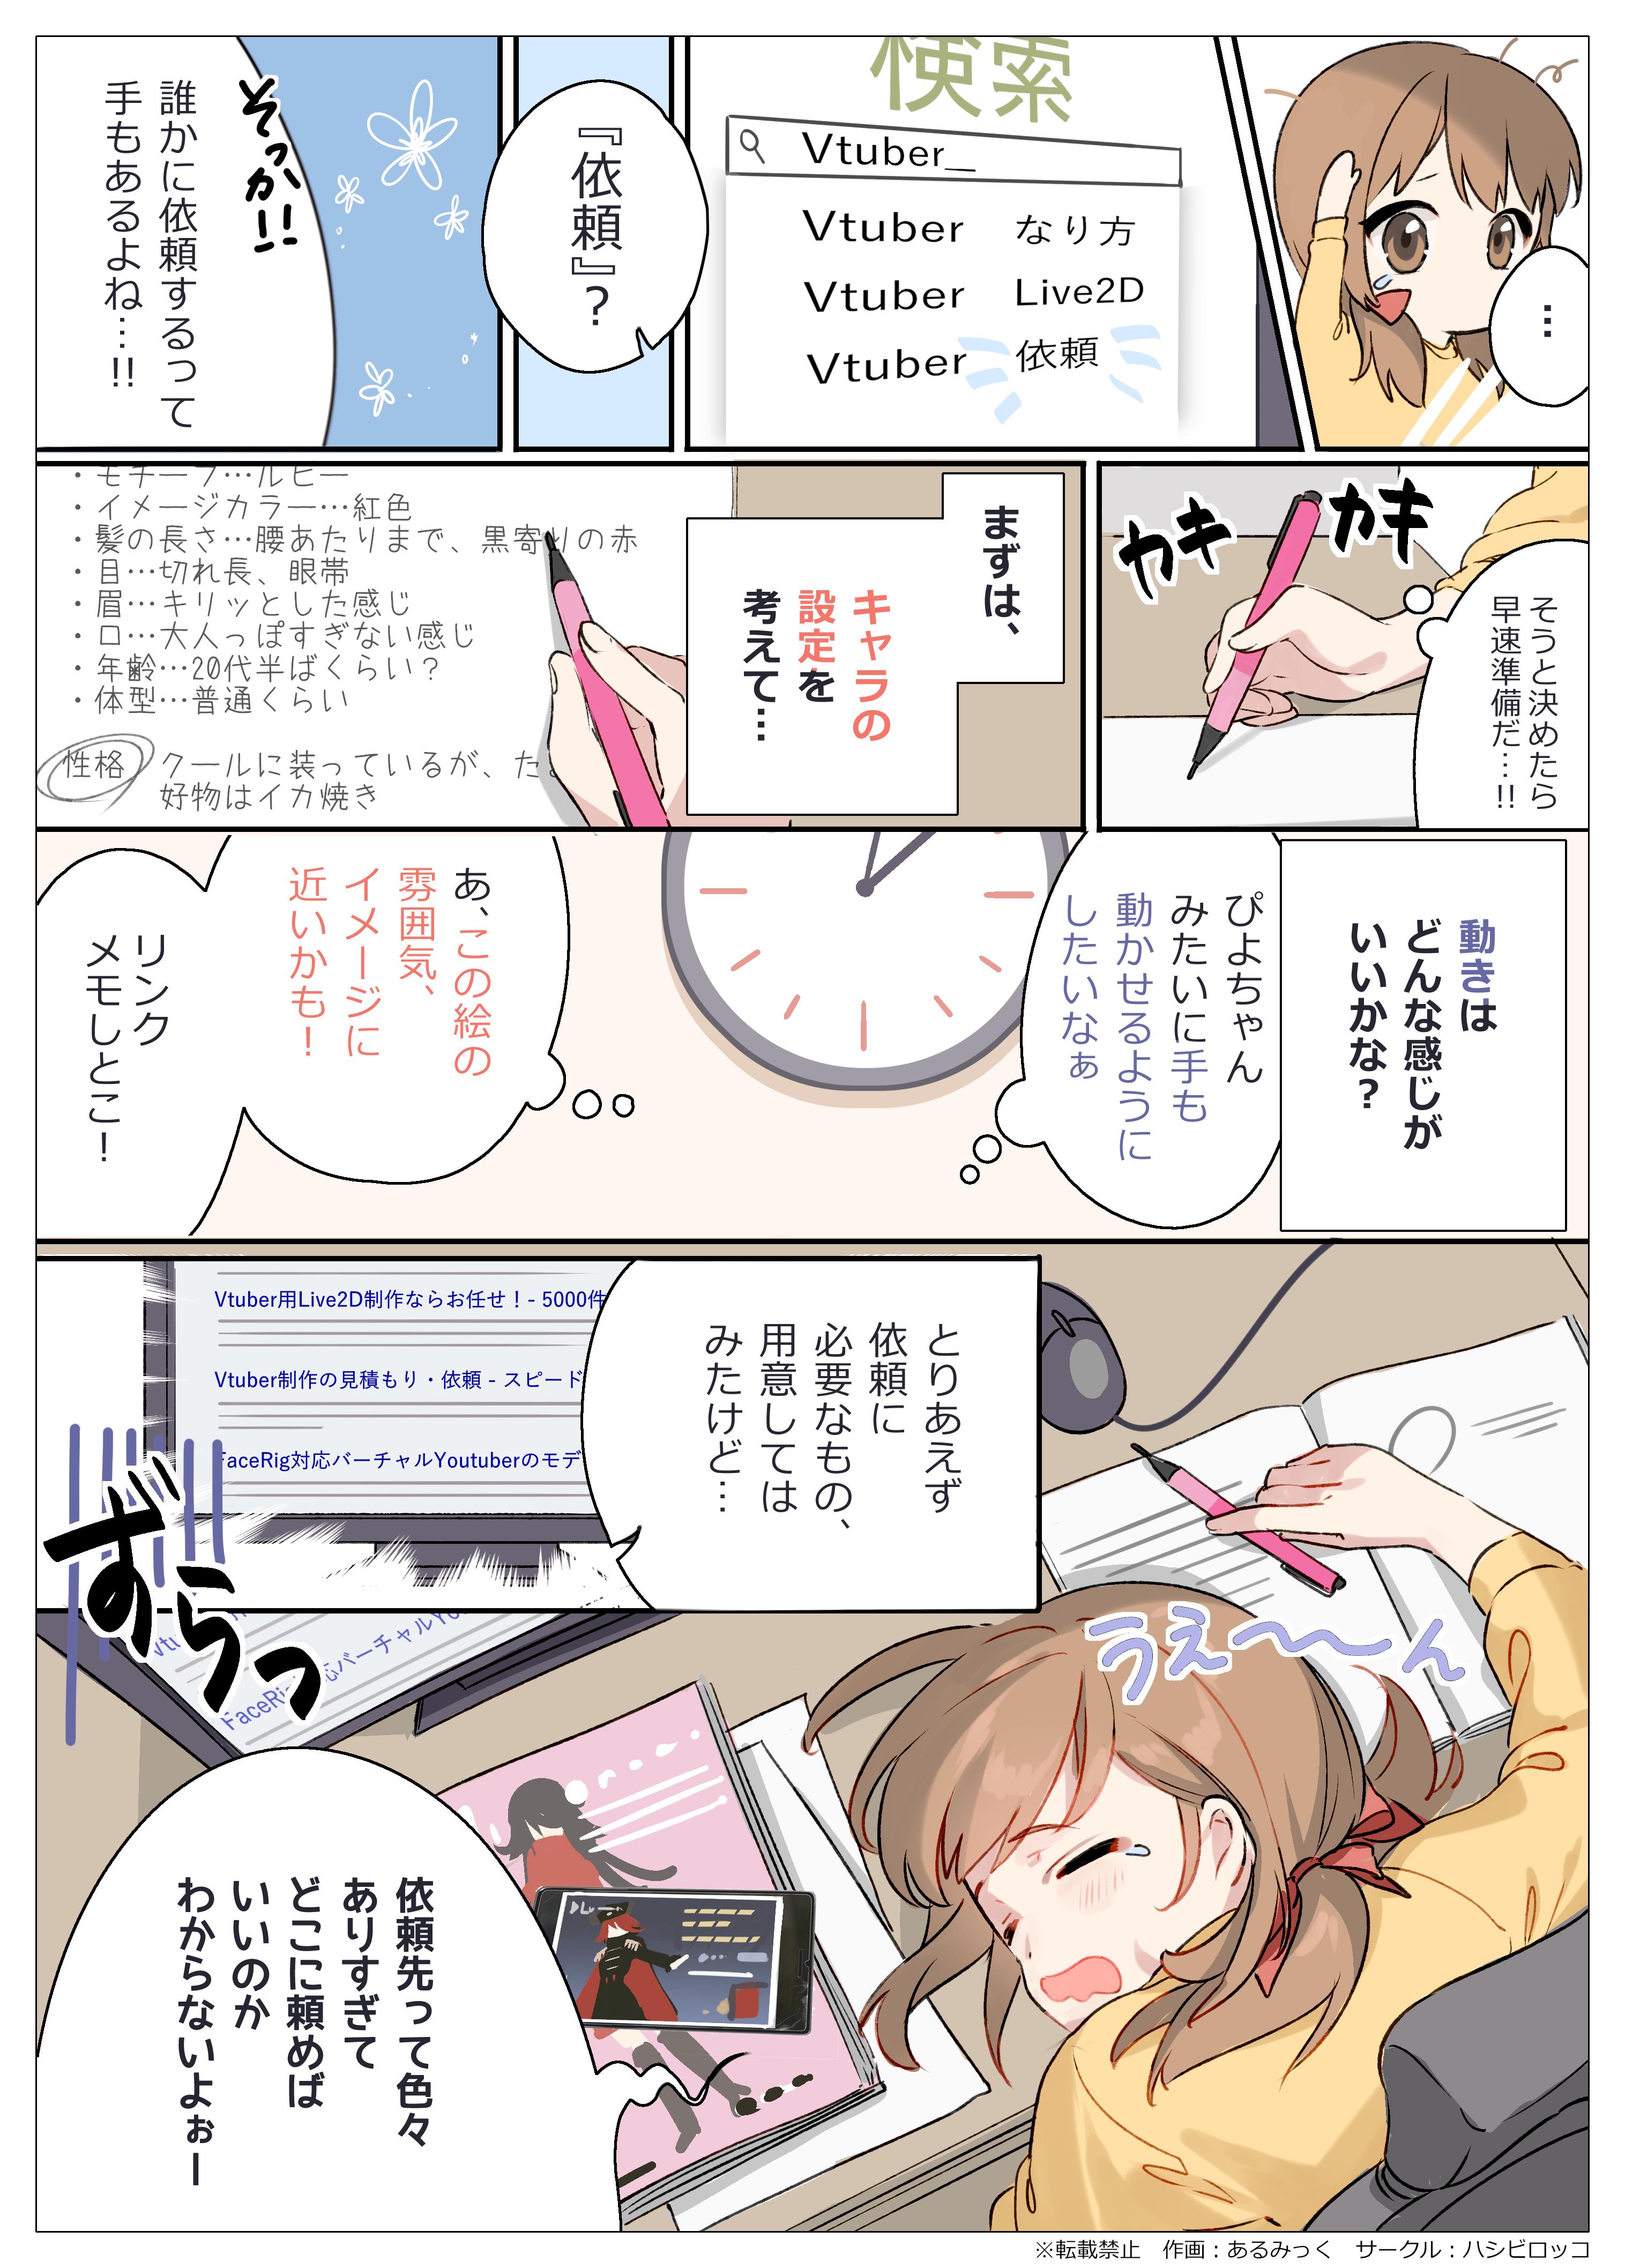 3_b-min